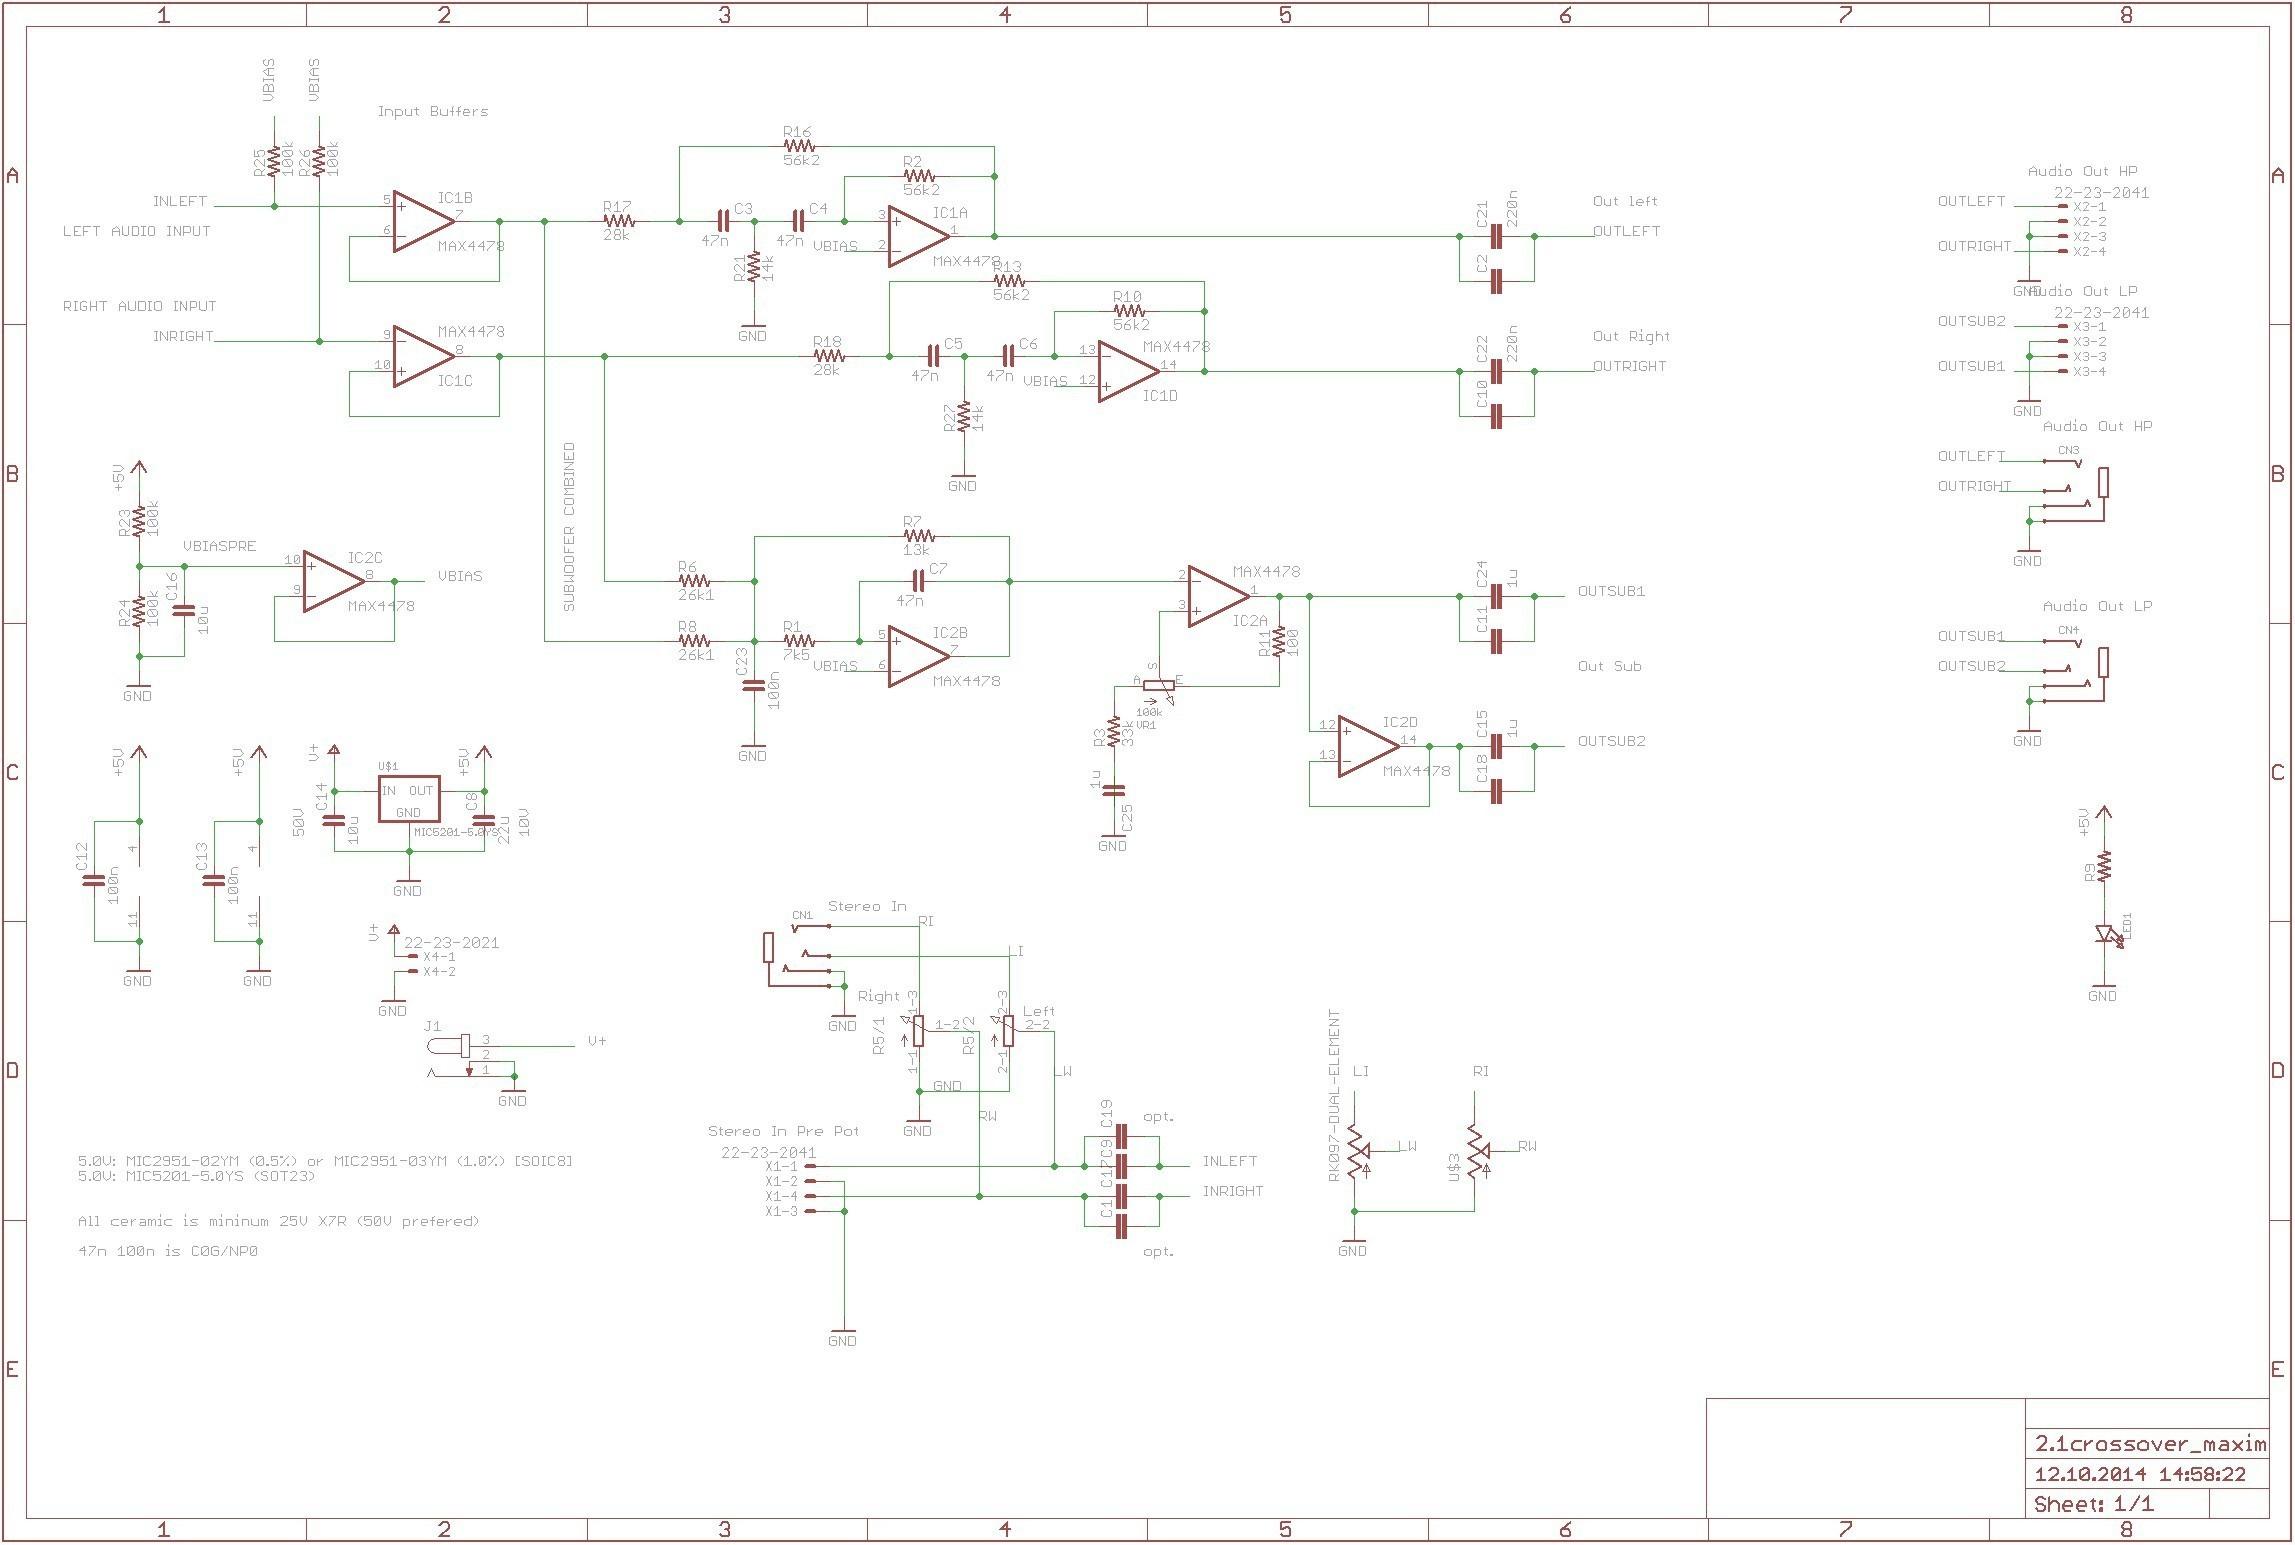 Bmw 325ci Engine Diagram Great Description About 2003 Bmw 525i with Exciting S Of Bmw 325ci Engine Diagram